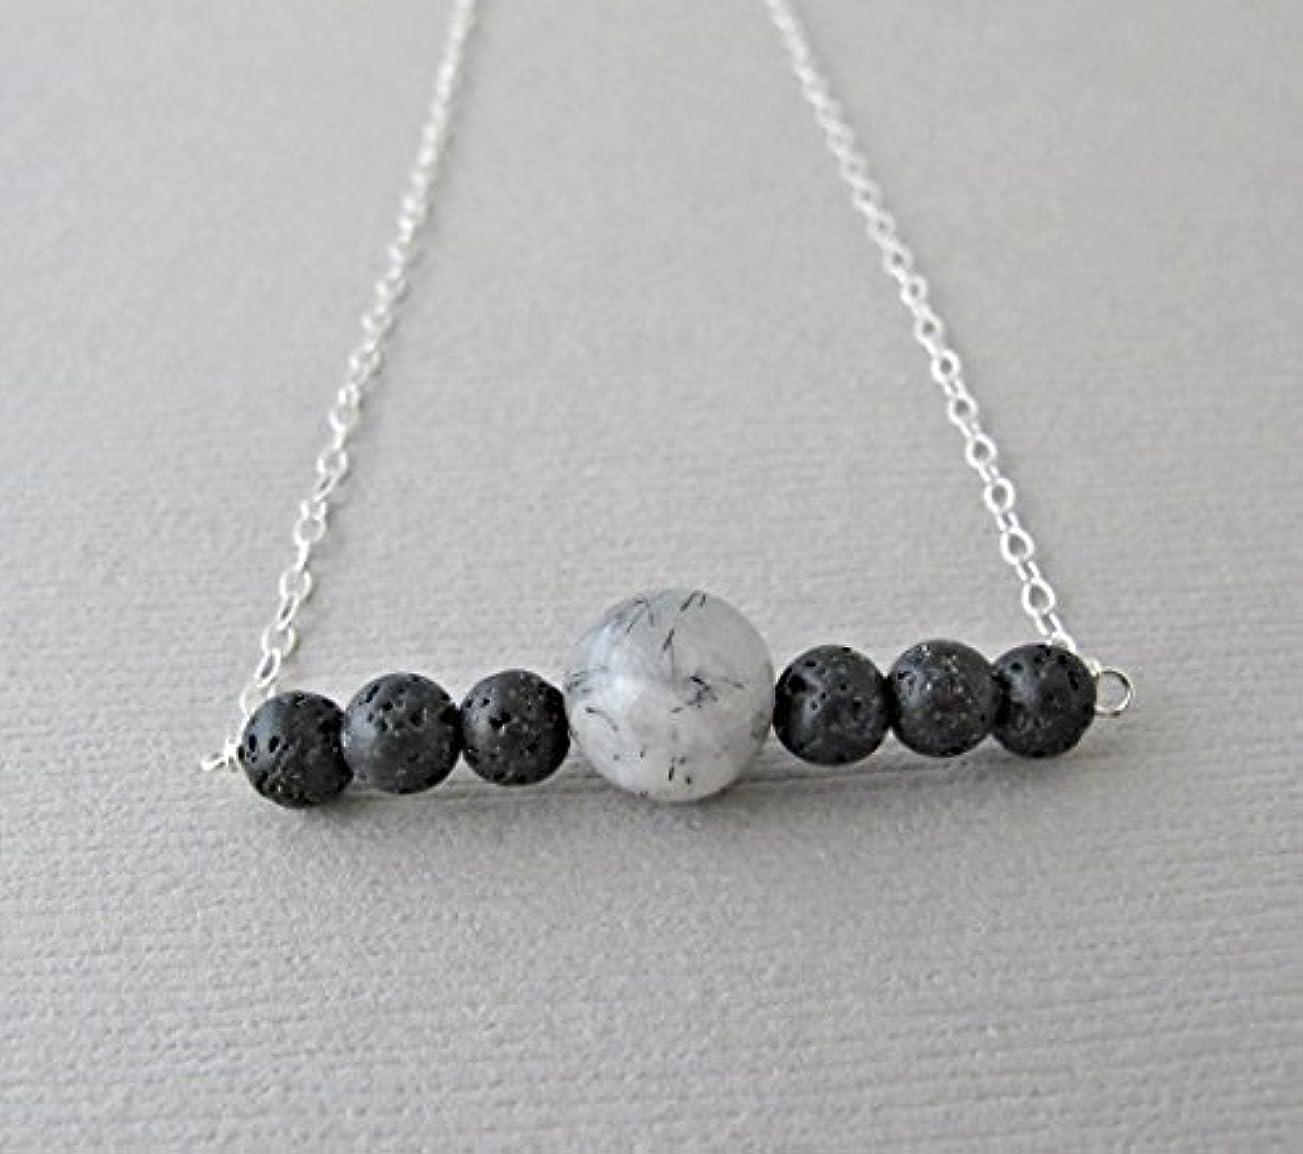 無視するフローラフレシアアルノルディTourmalinated quartz Lava Pendant Essential Oil Necklace Diffuser Aromatherapy - Simple Minimalist Lava Bead Diffuser...